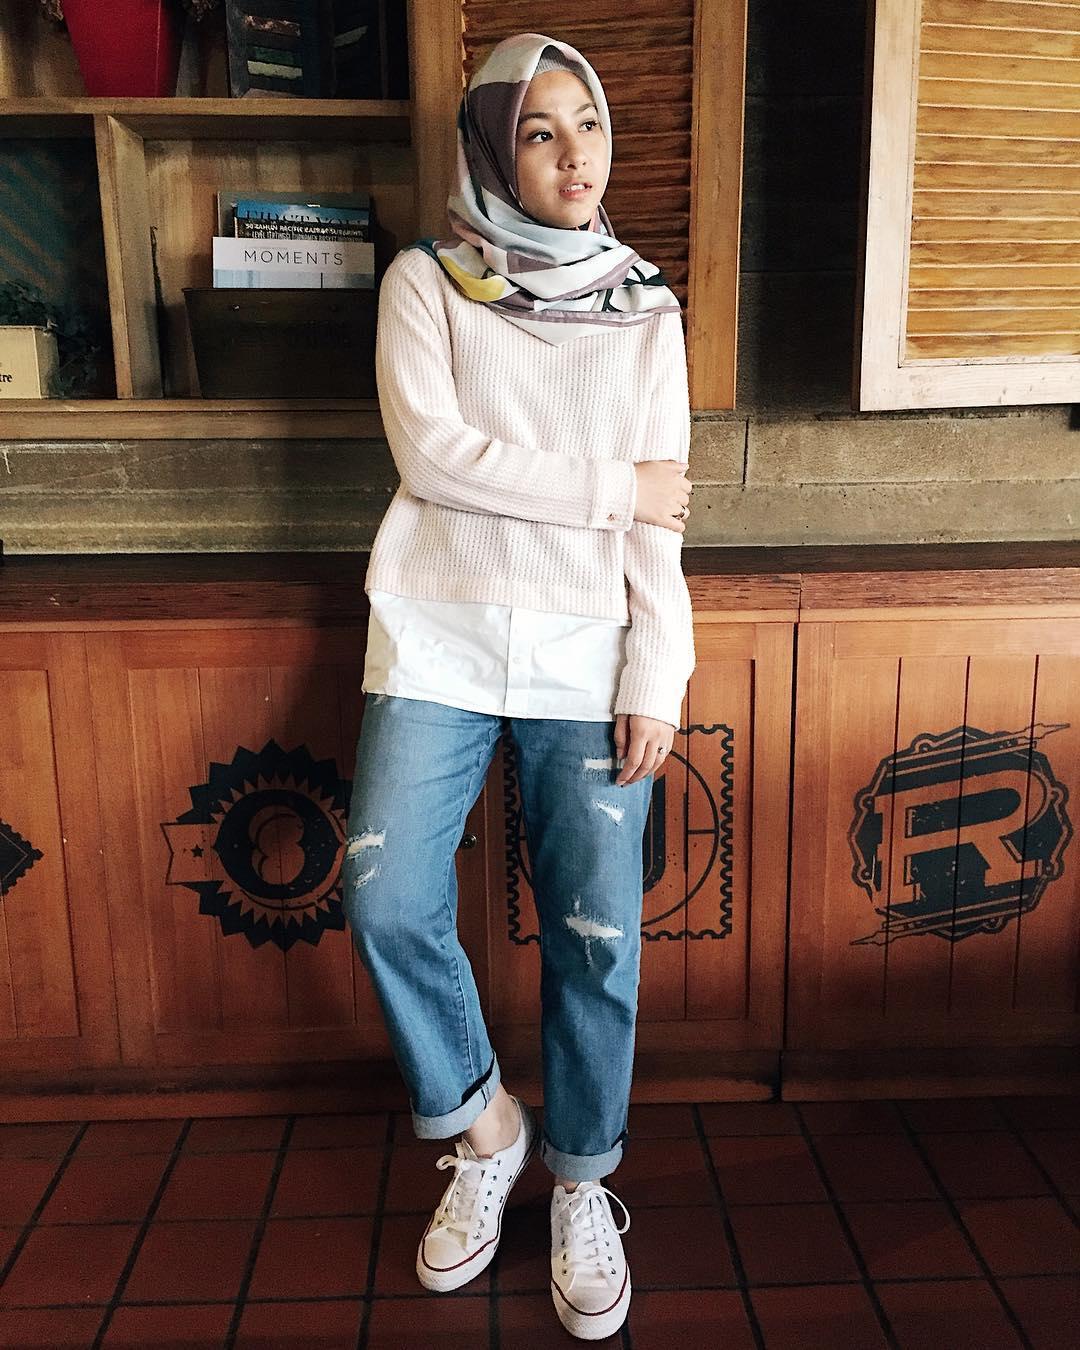 Outfit Baju Remaja Berhijab Ala Selebgram 2018 sweater rosegold kemeja top kets sneakers putih merah jeans longpants denim sobek sobek biru muda ciput rajut abu abu hijab segi empat ungu cream tua bercorak model warna gaya simple casual bahan kain wools cashmere ootd